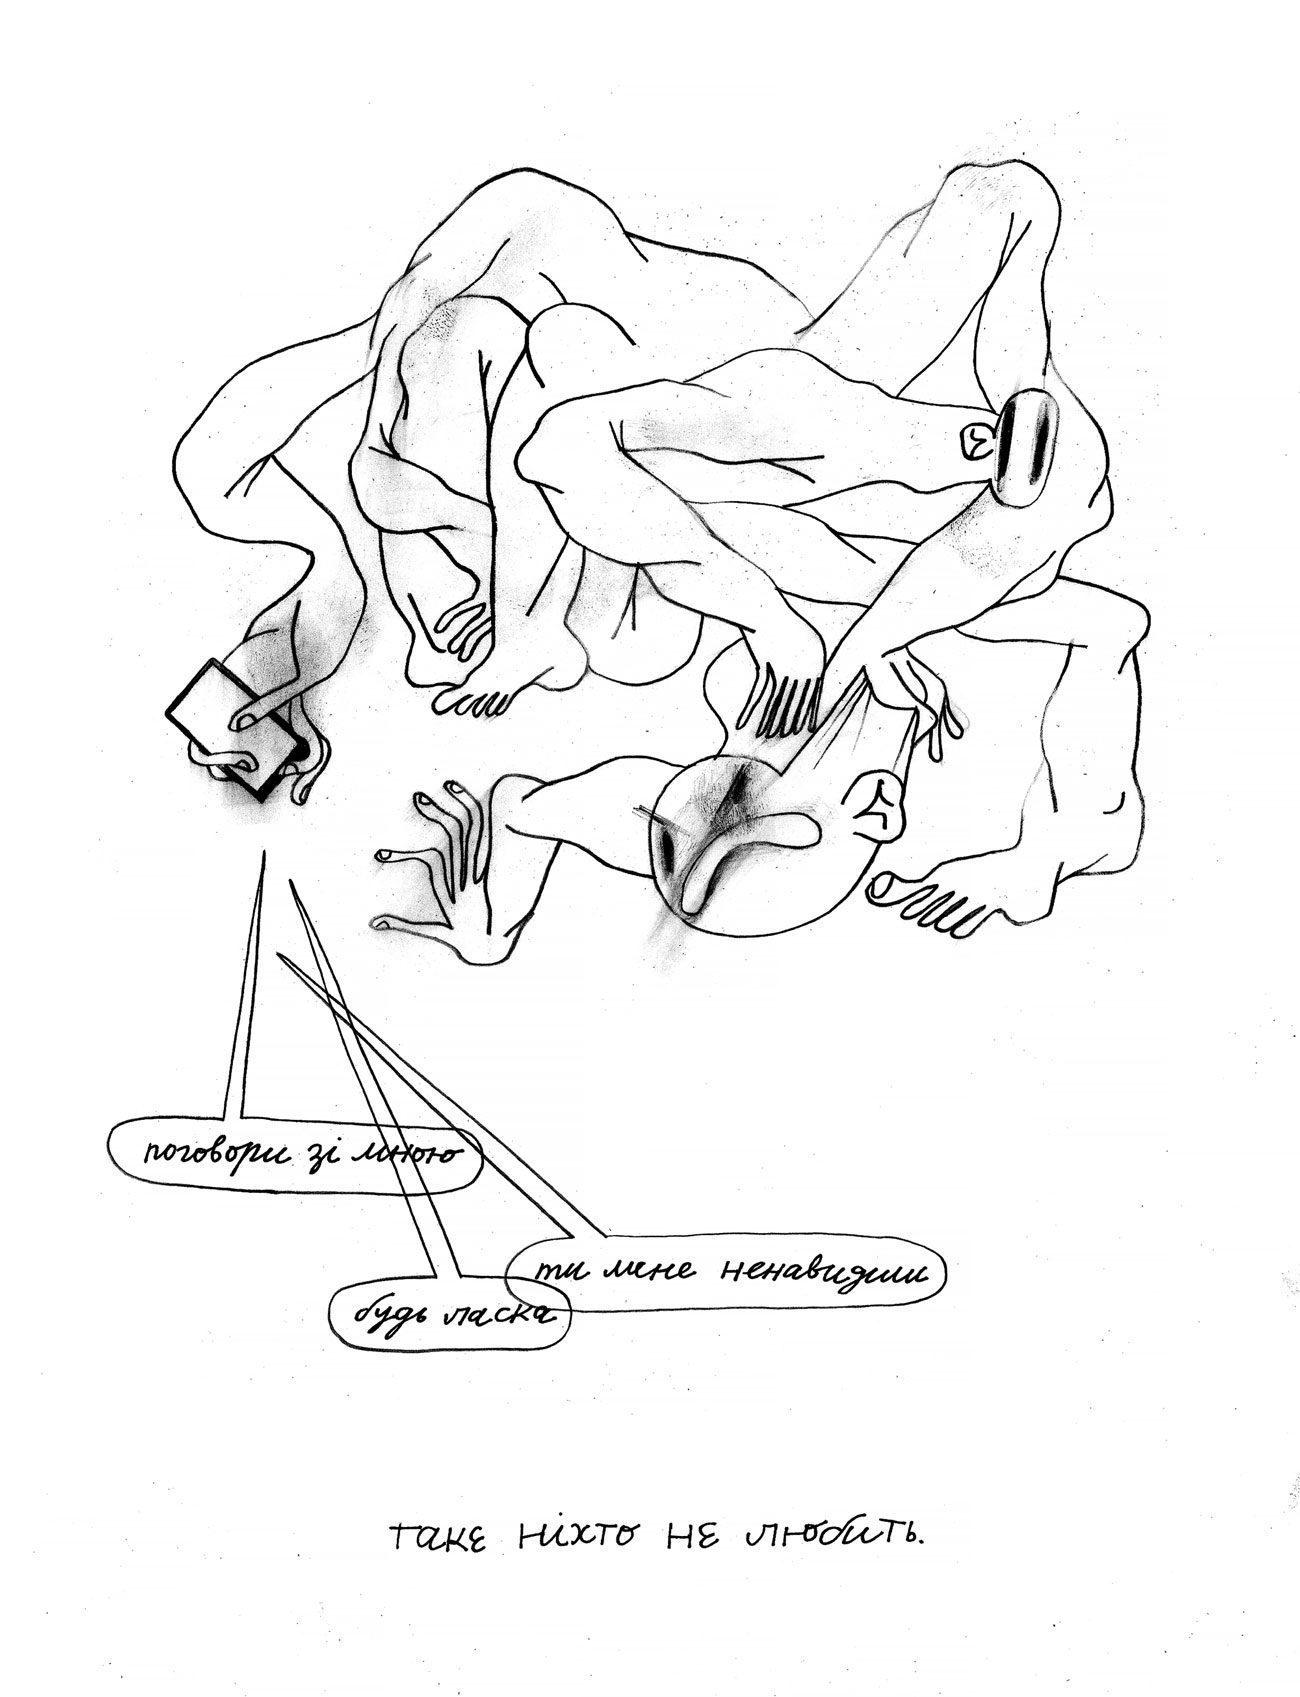 comics oliynik 17 - <b>Вам дісталася сумна дитина.</b> Комікс Жені Олійник про те, як депресія впливає на стосунки - Заборона